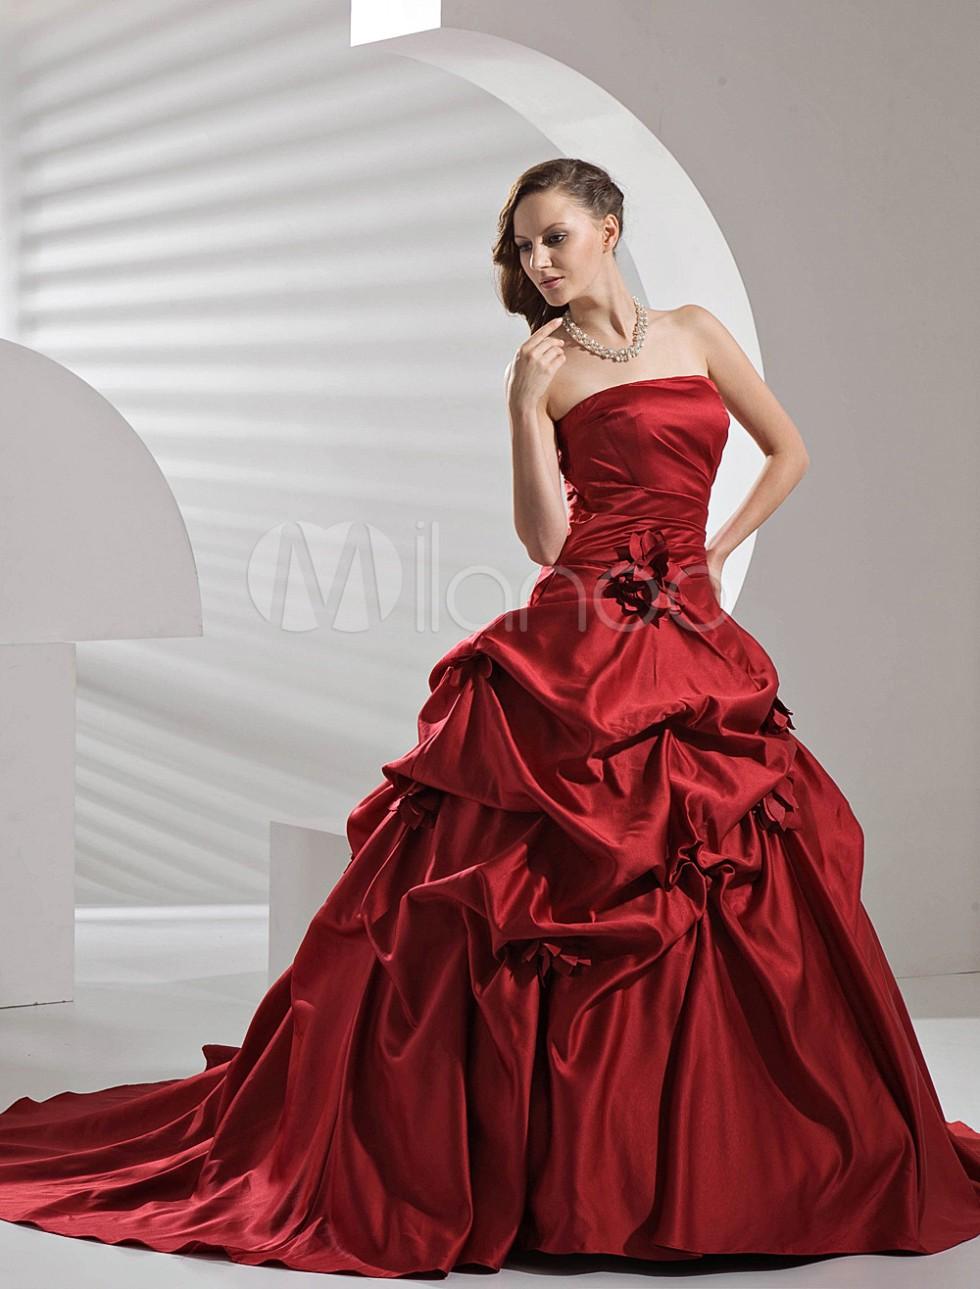 Abito da sposa in raso senza spalline con strascico, abito da sposa rosso, milanoo